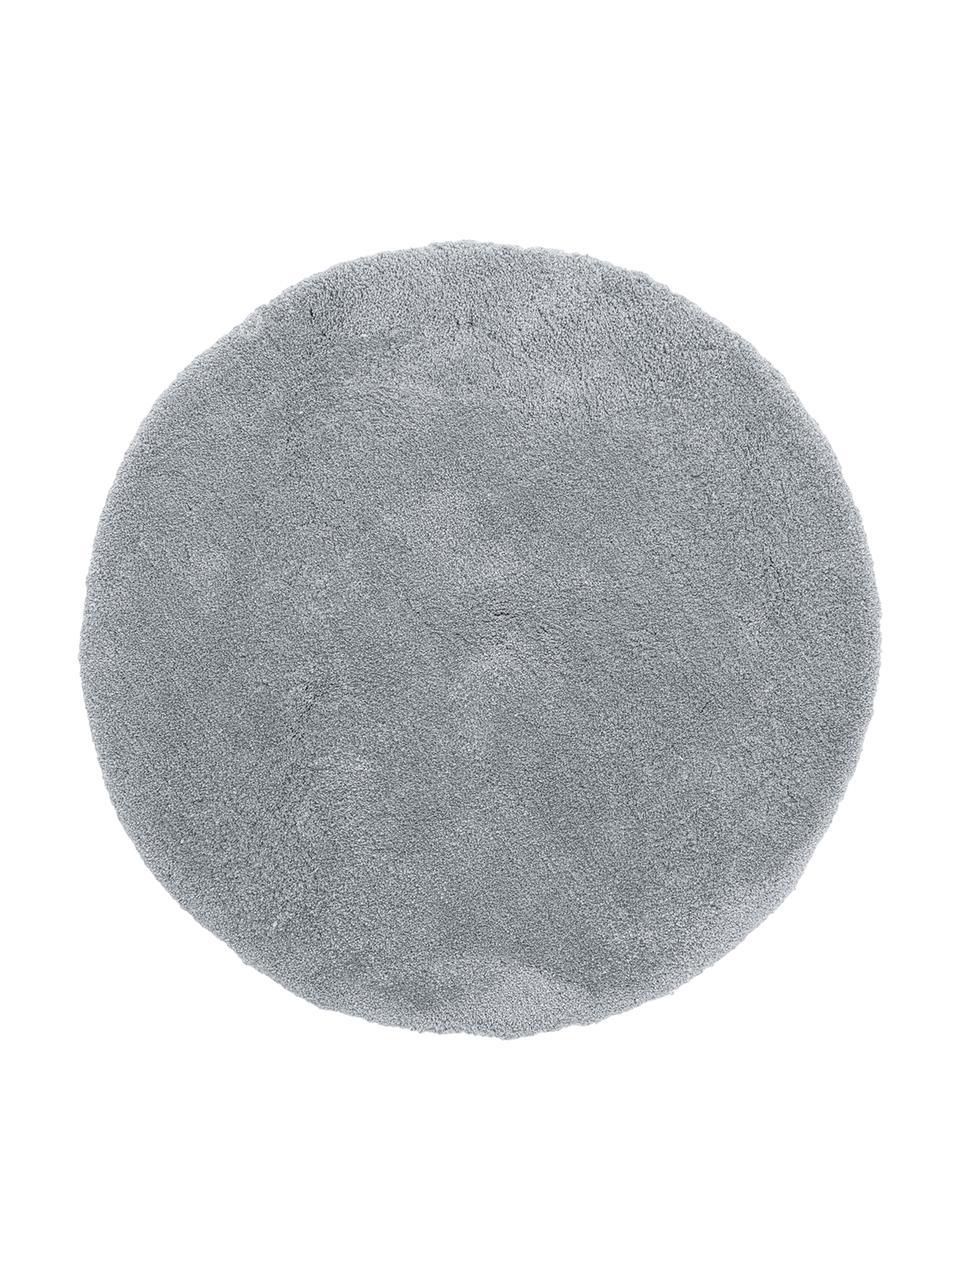 Flauschiger runder Hochflor-Teppich Leighton in Grau, Flor: Mikrofaser (100% Polyeste, Grau, Ø 200 cm (Größe L)